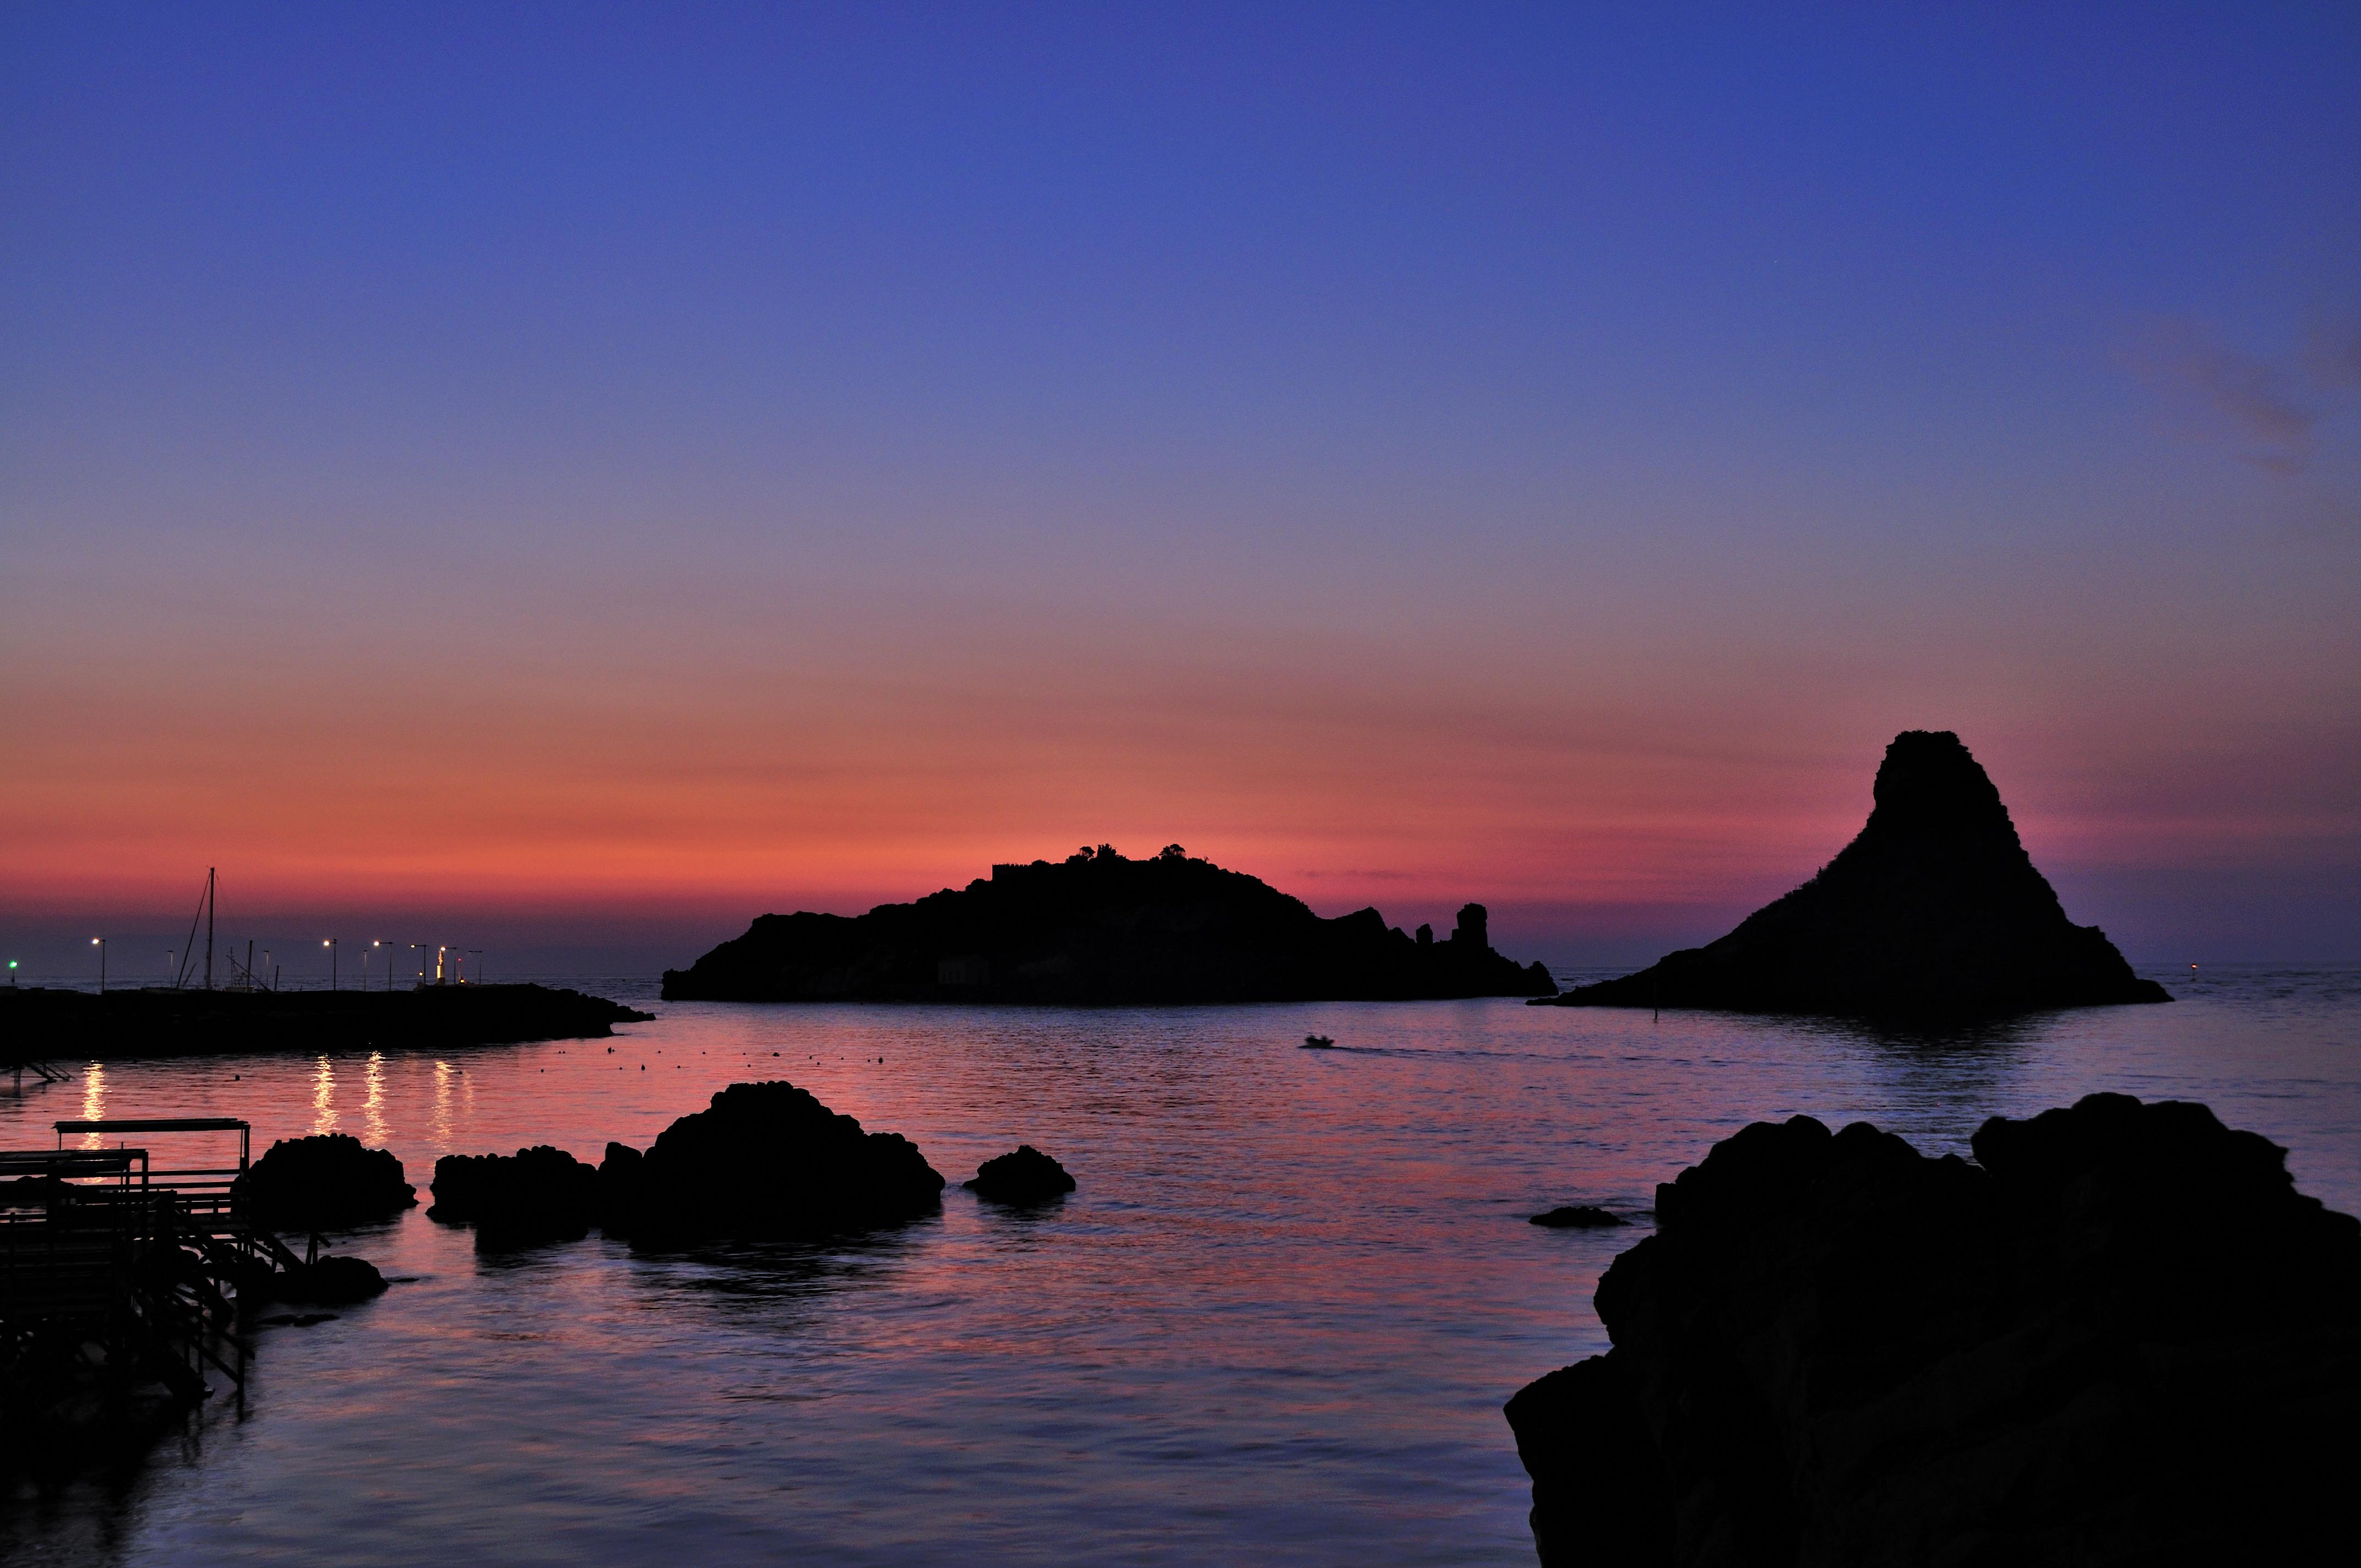 Aci trezza faraglioni sea dawn sunset sicilia italy italia - creative commons by gnuckx photo